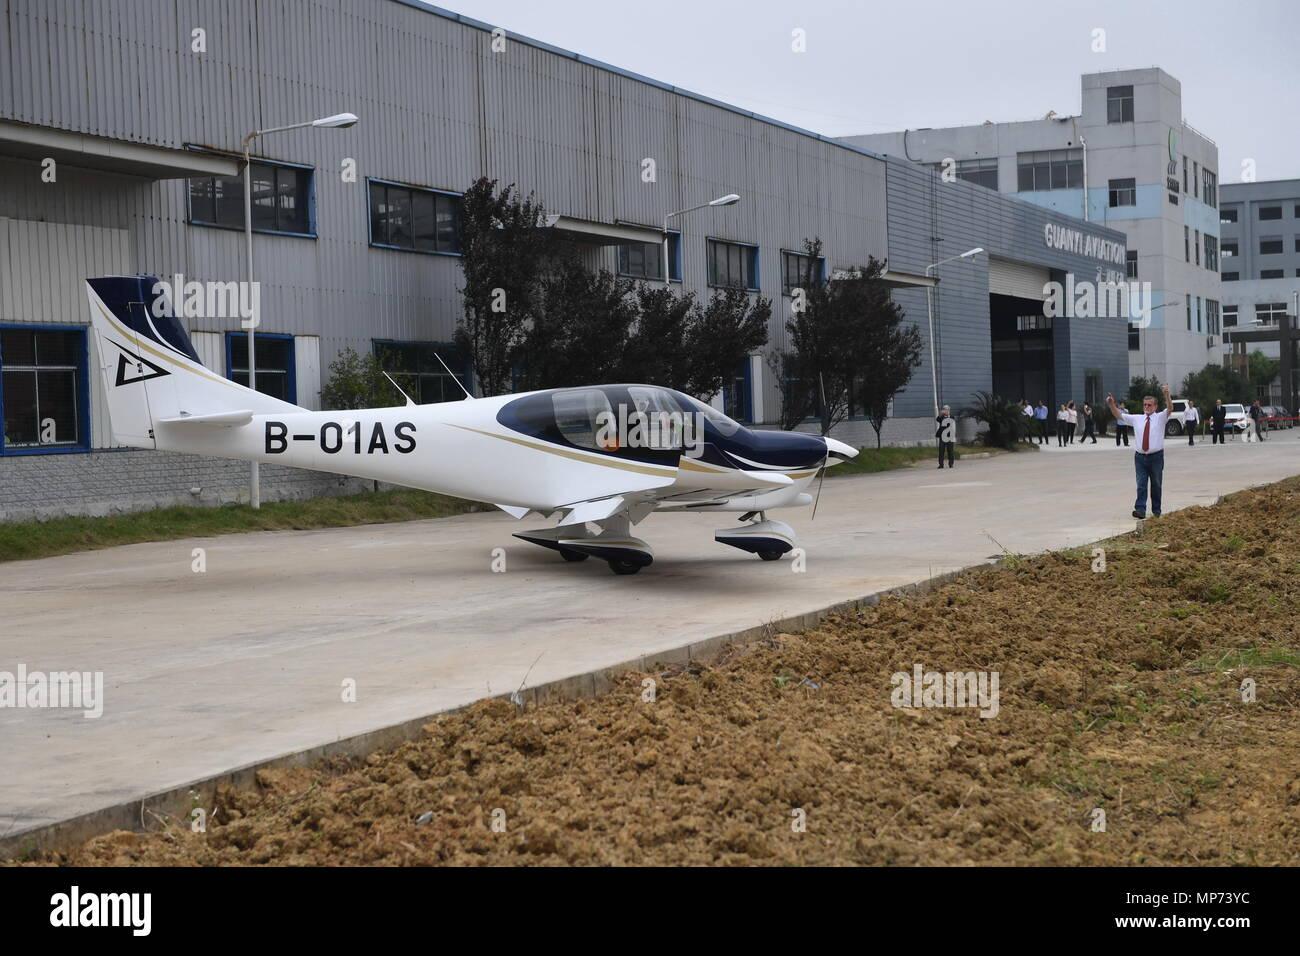 Nanchang Chinas Jiangxi Province 21st May 2018 Airplane GA20 Demonstrates For A